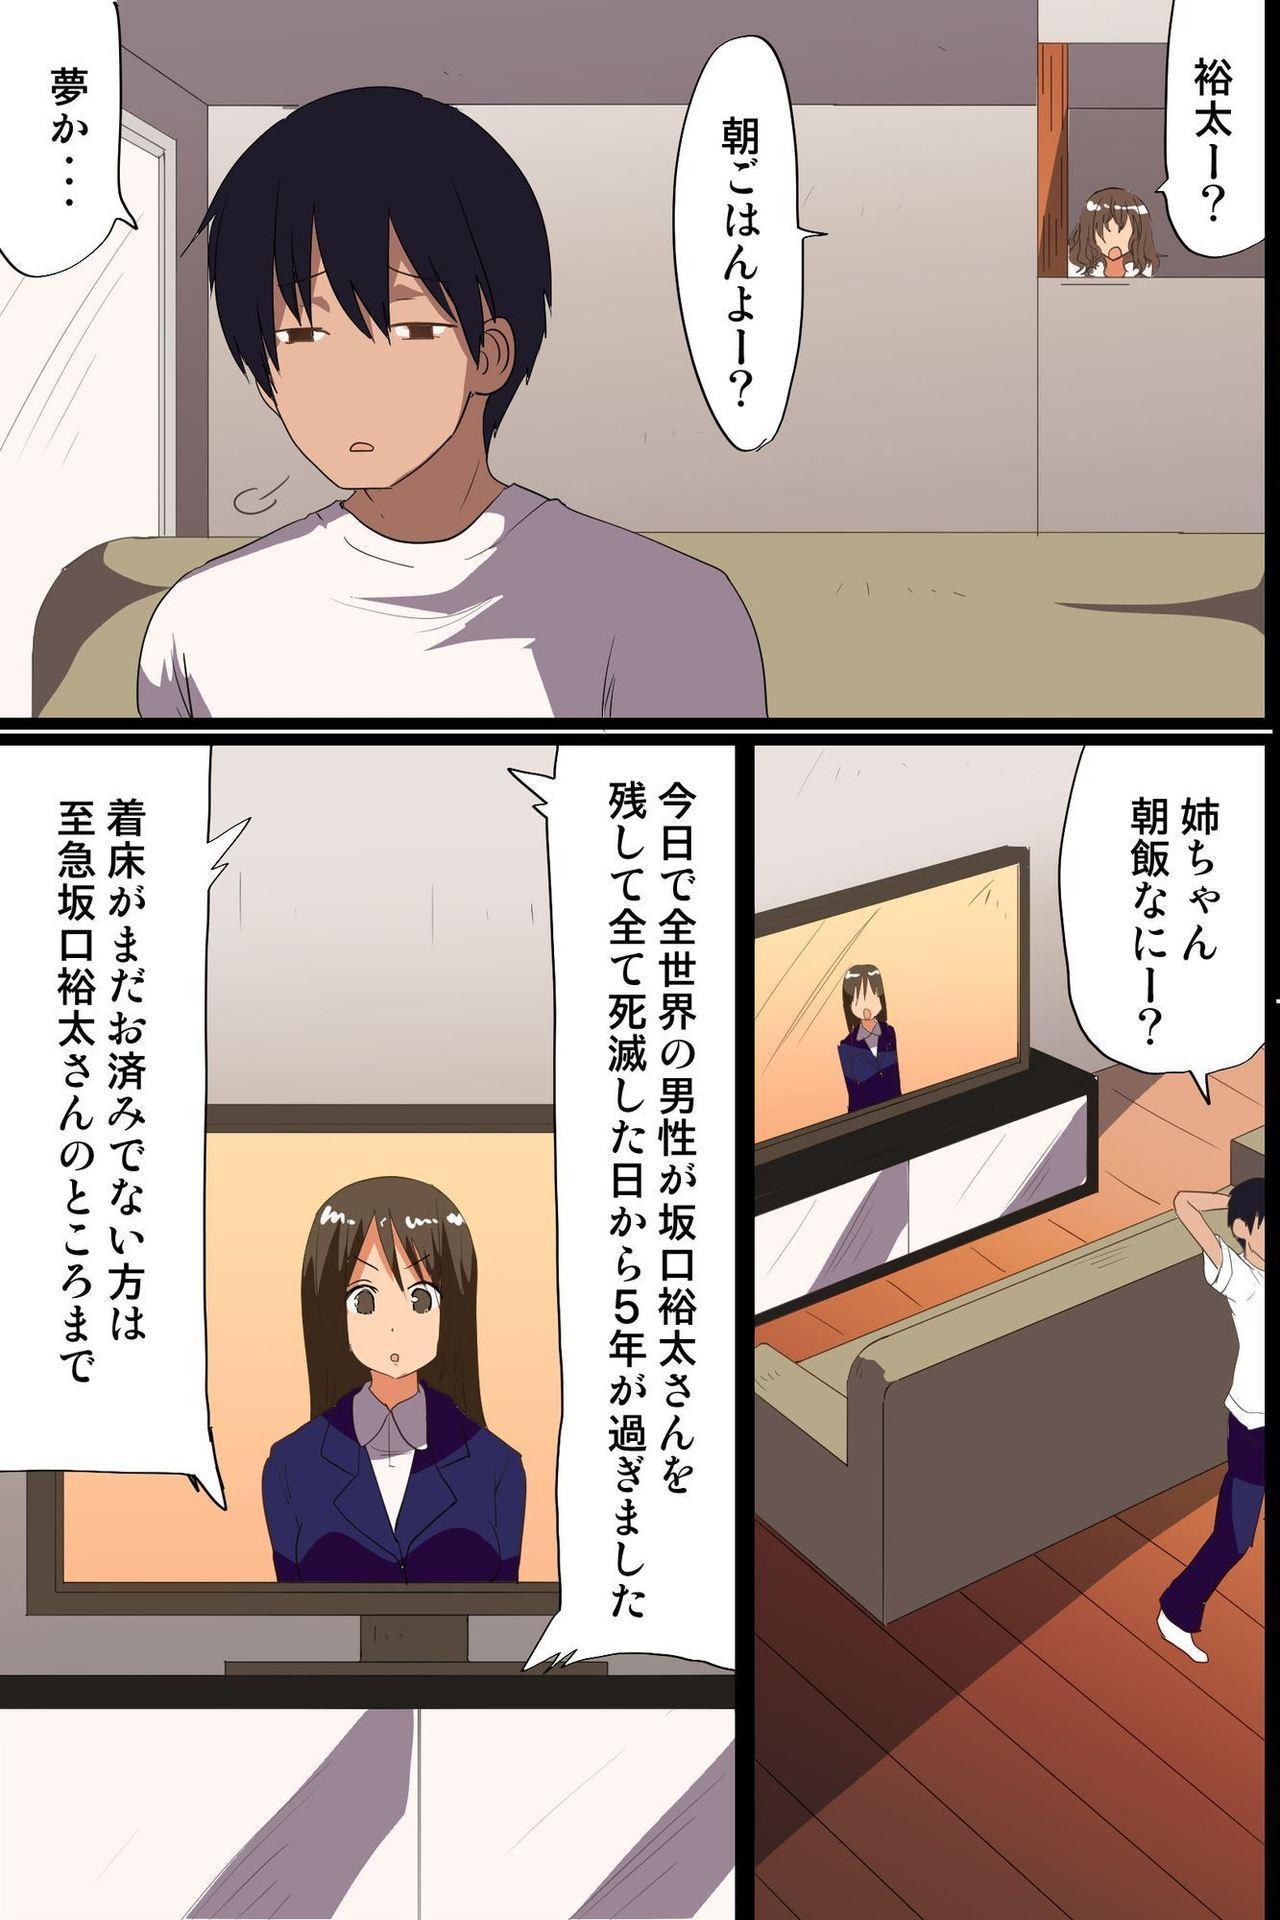 Sekai no Onna wa Zenin Ore no Mono. Onna Zenin ga Tane wo Motomete Hatsujou Shichatteru!? 4